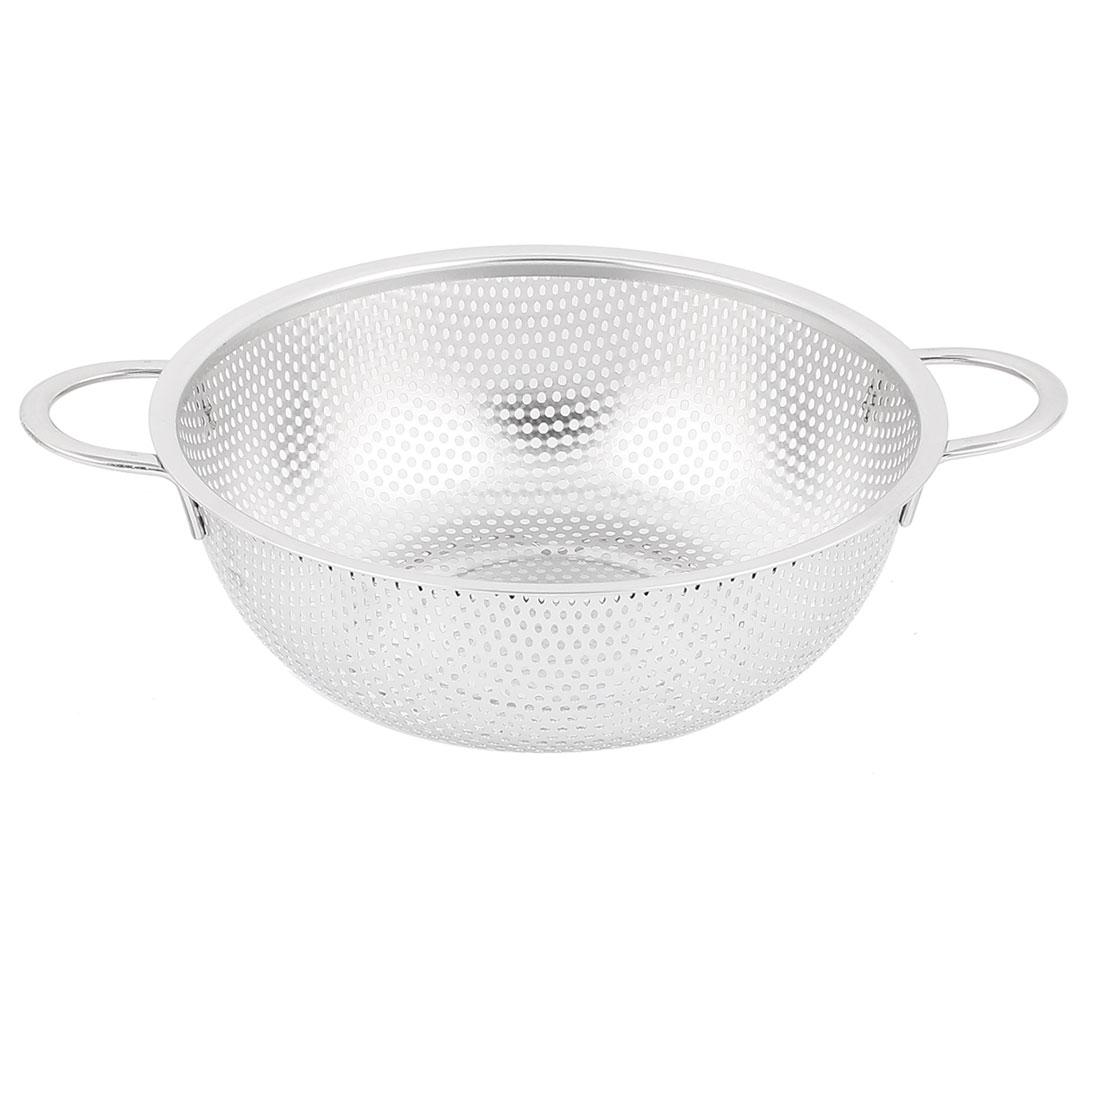 Kitchen Metal Vegetable Fruit Rice Washing Dainer Sieve Strainer Basket 7.7 Inch